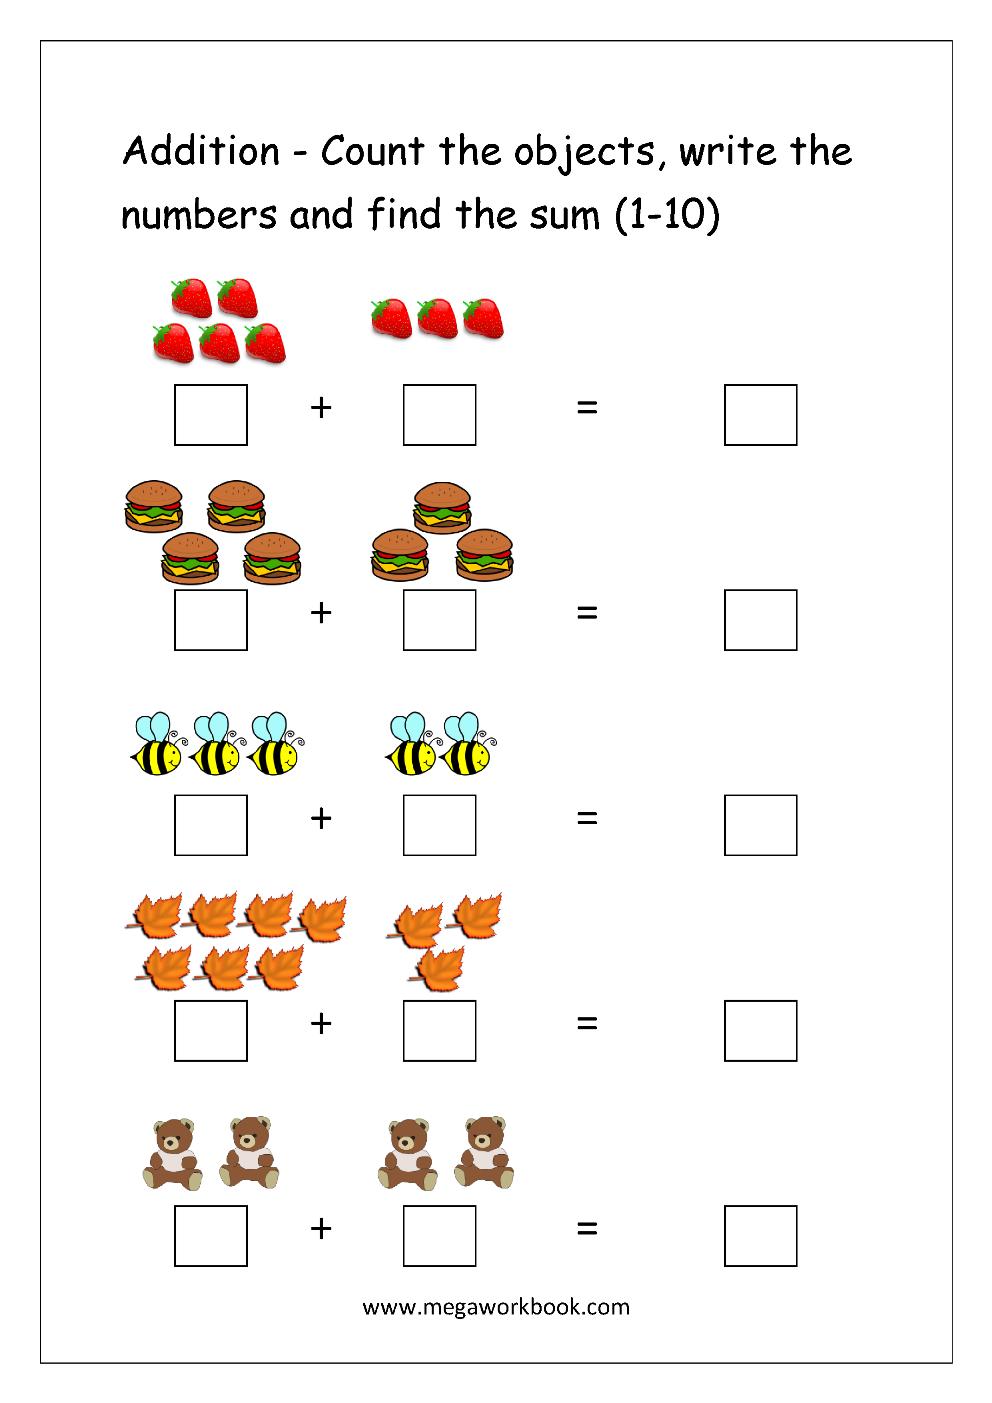 Addition Worksheets For Kindergarten 1 10  682362